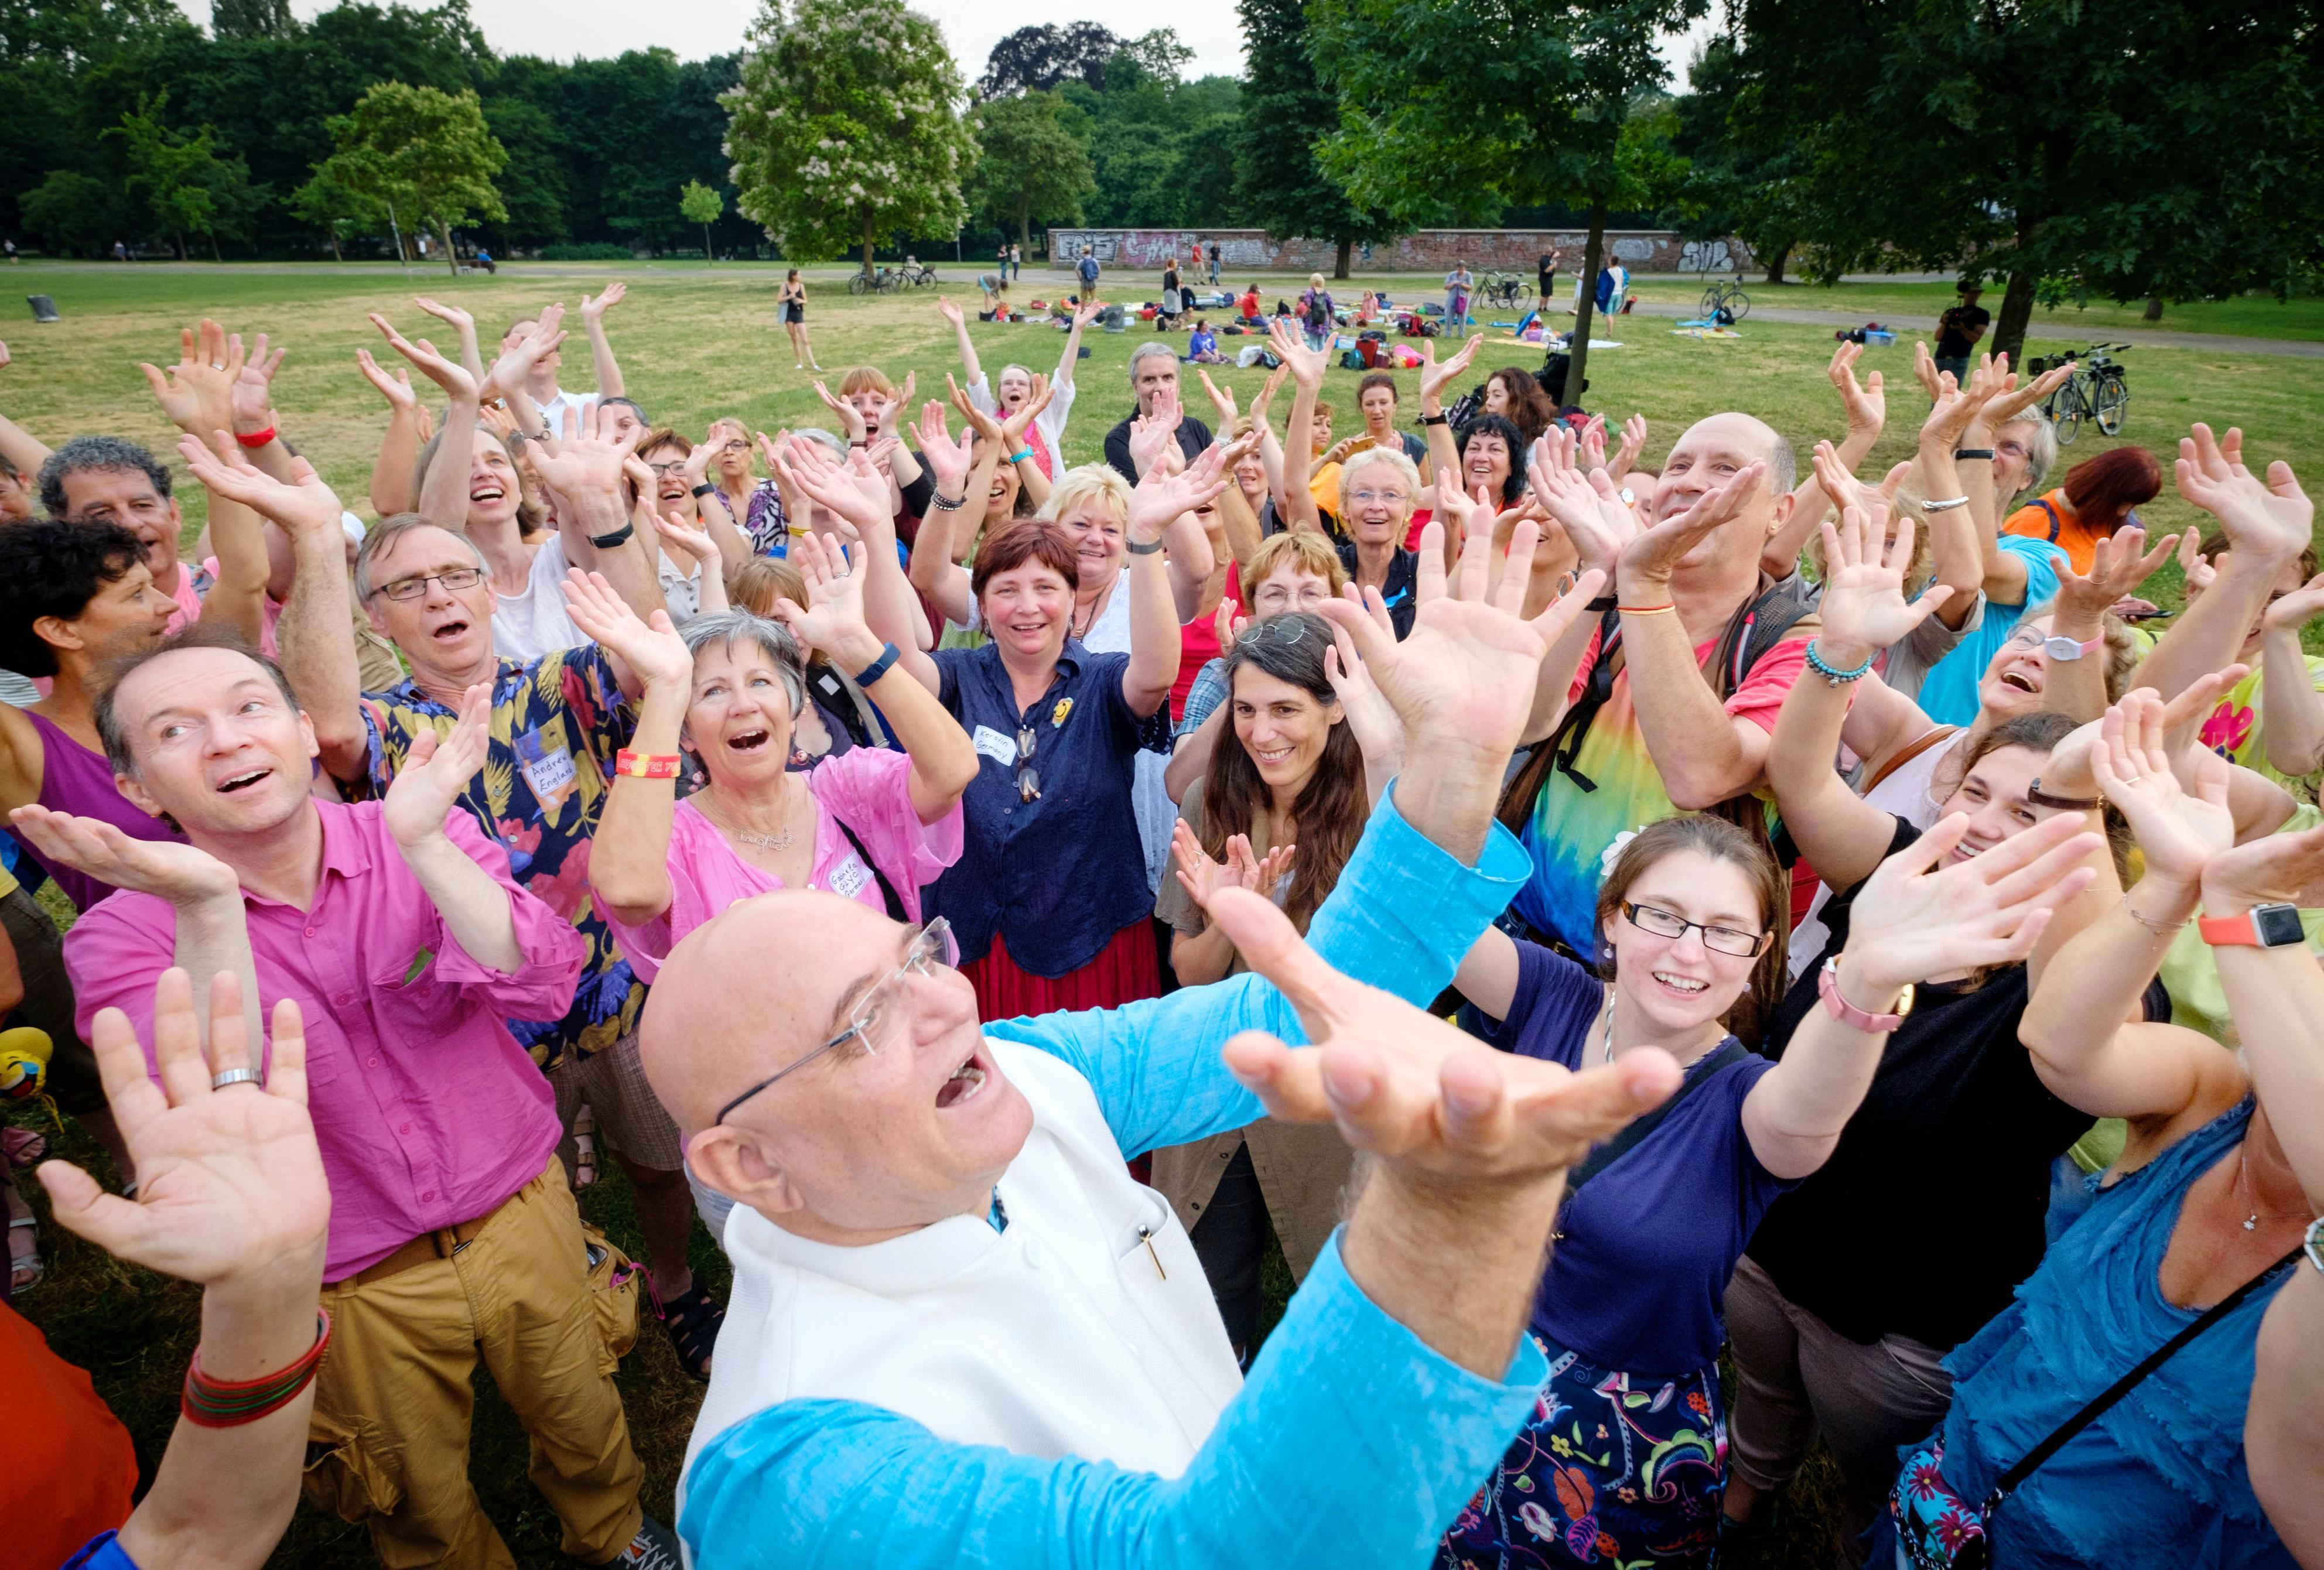 ドイツ・フランクフルトで開かれた「笑いヨガ」の初の世界大会。公園でインド人医師マダン・カタリア(手前)が両手を上げて実演すると、笑いの渦が広がっていく(撮影トマス・ローネス、共同)